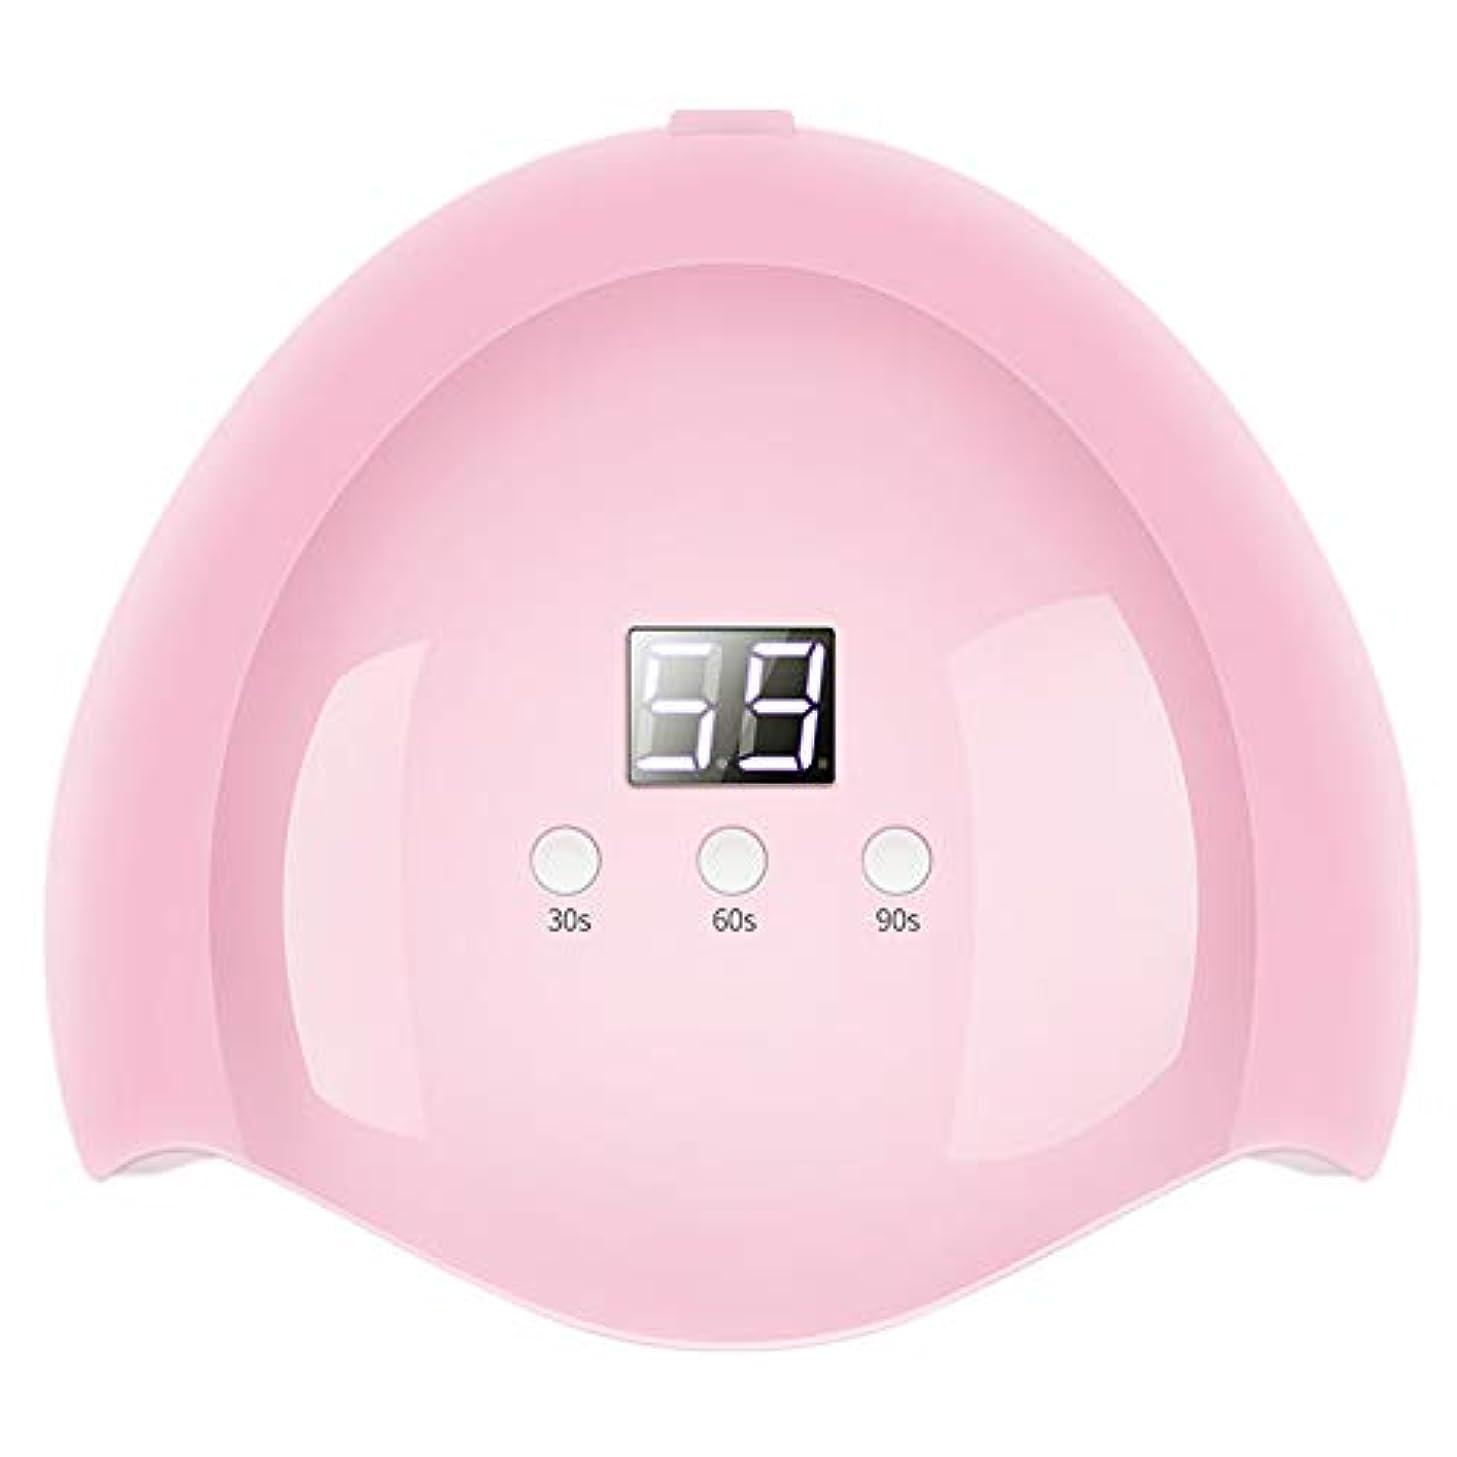 グレファイディンドライヤーネイルマシン36W UV LEDネイルアートランプ赤外線センシング光線療法ゲルポリッシュ硬化光 - ピンク